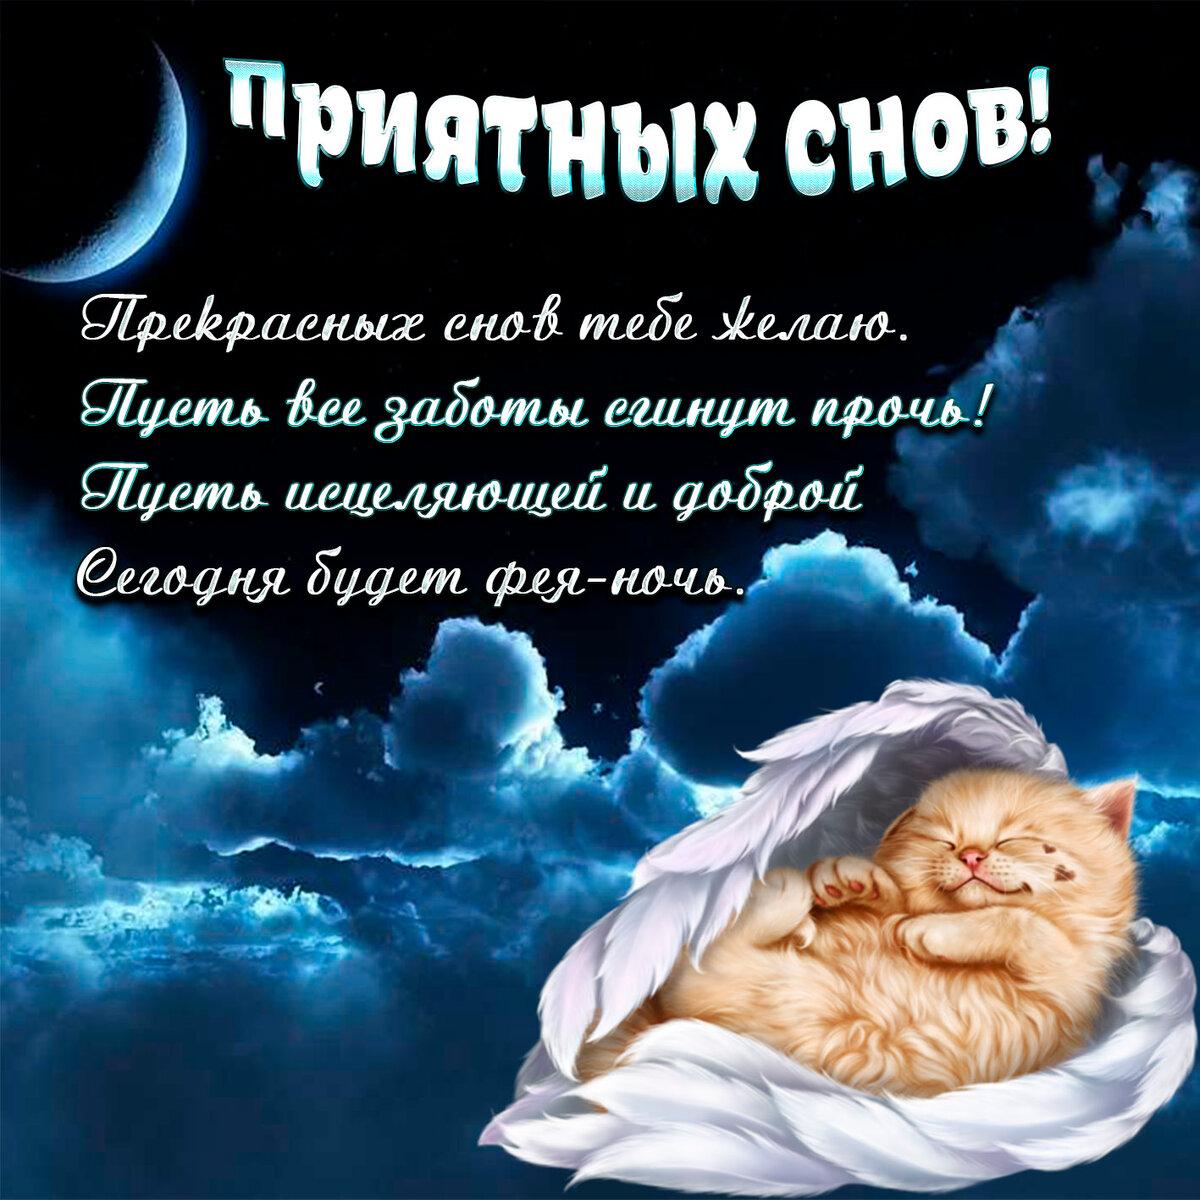 Картинки спокойной ночи солнышко сладких снов, шарами днем рождения